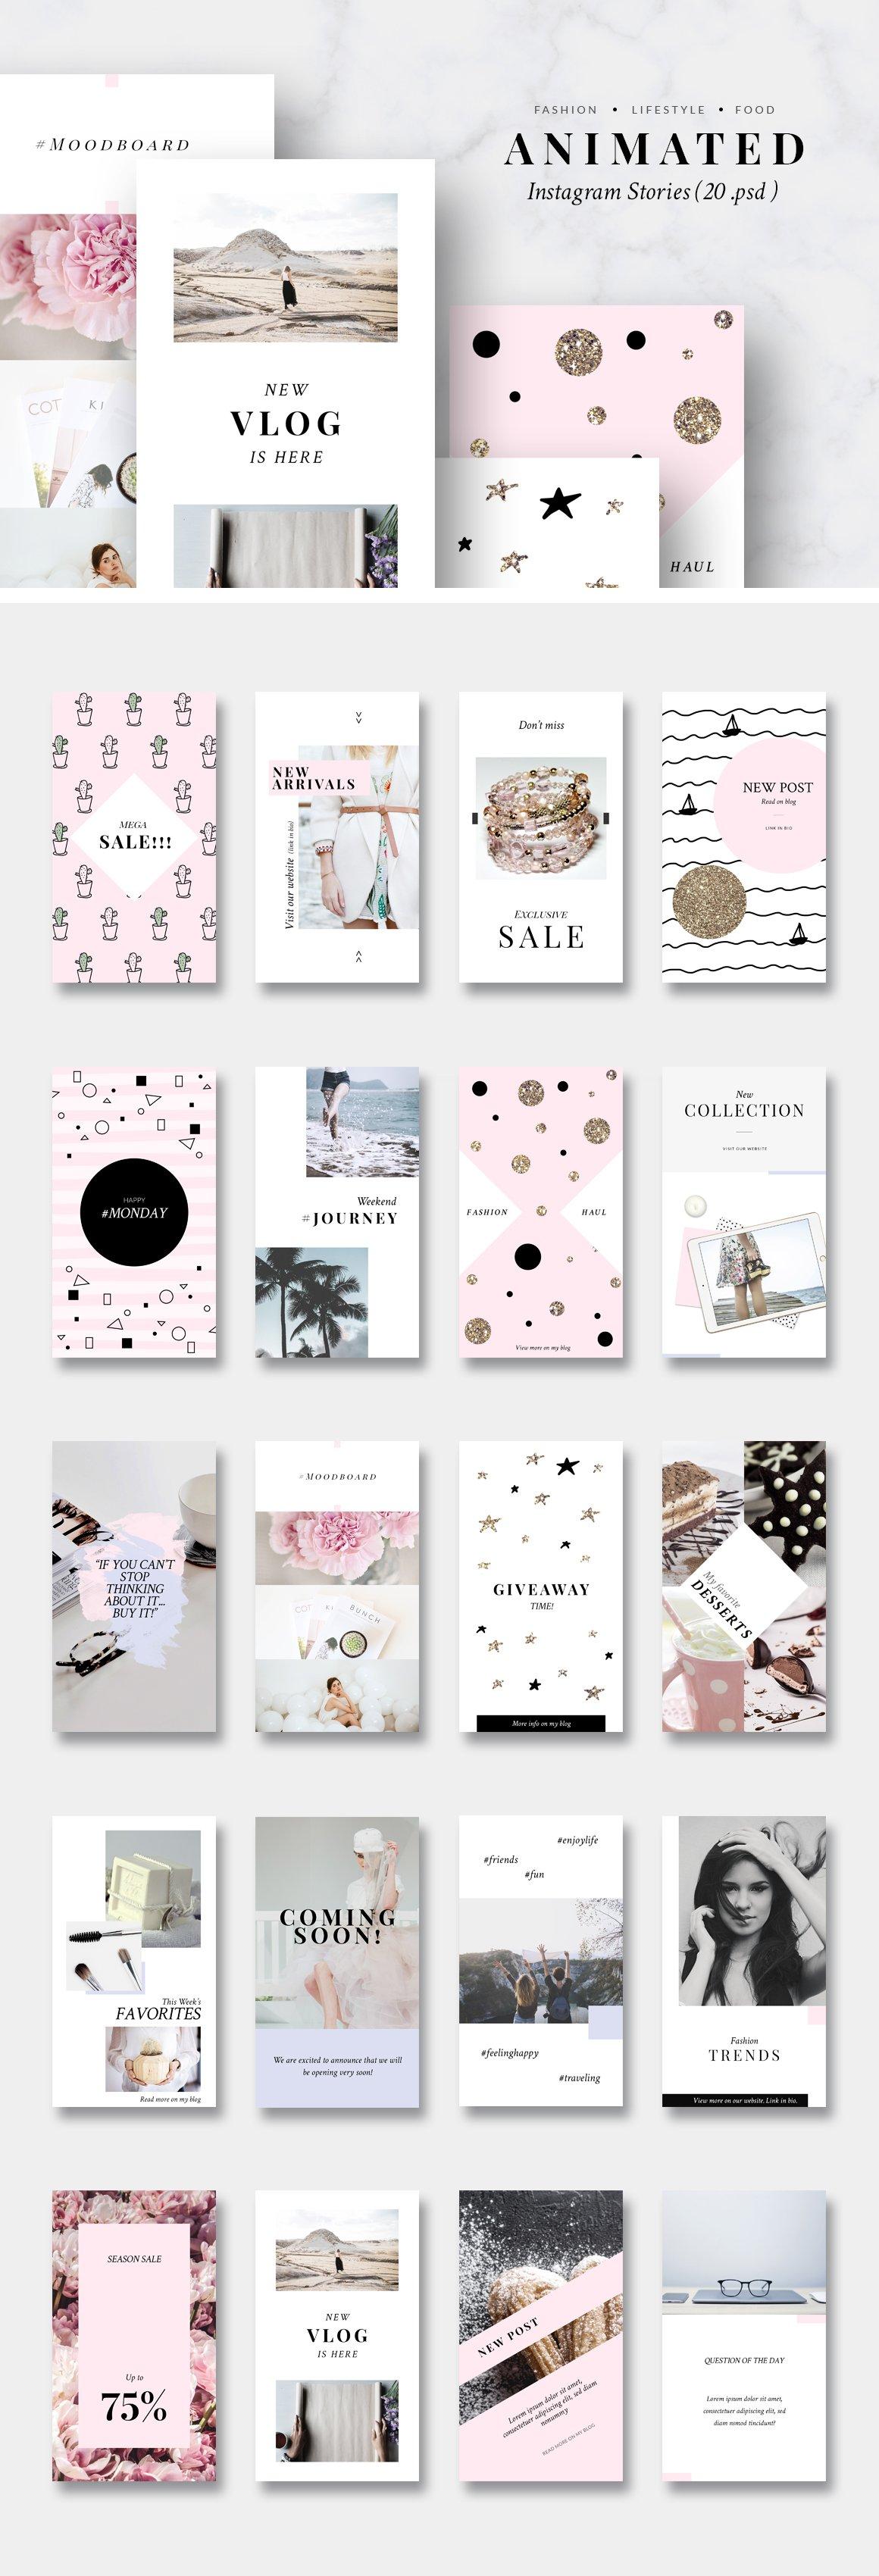 金色/粉色调旅行品牌故事Instagram推广社交媒体设计素材包 ANIMATED Instagram Stories-Pink&Gold插图